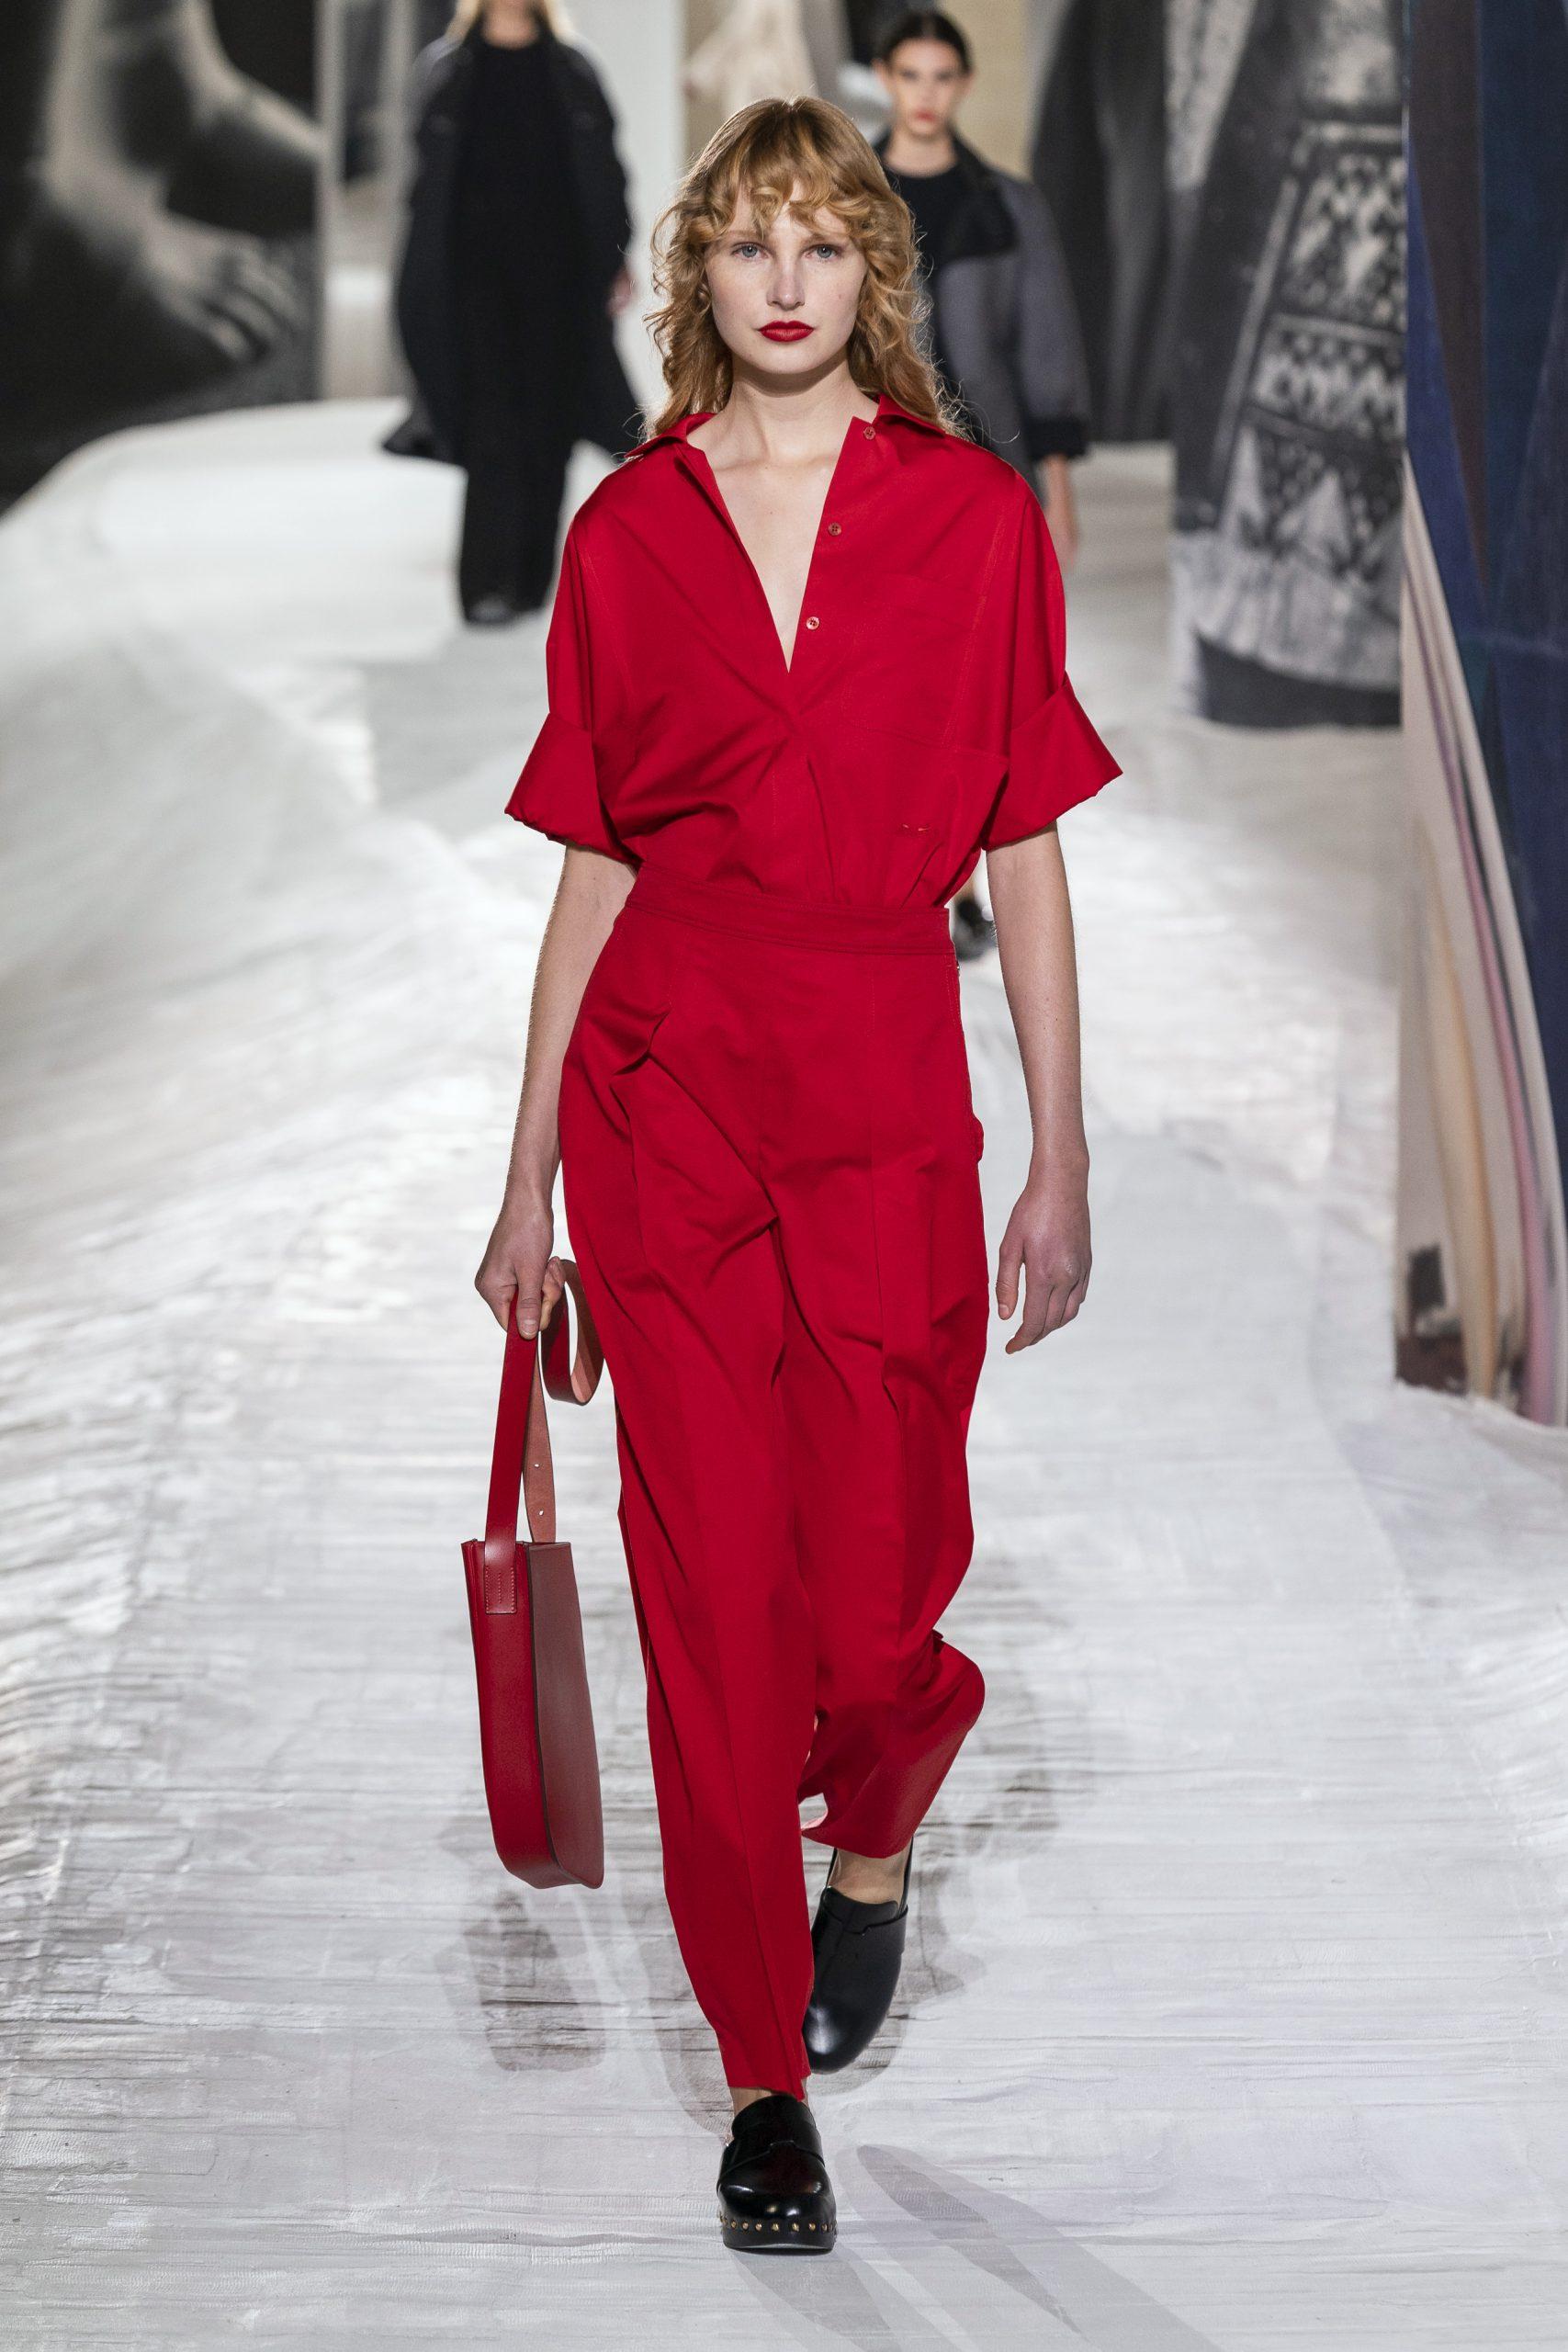 11. kép: Párizsi divathét - Hermès - 2021 tavasz-nyár - ready to wear